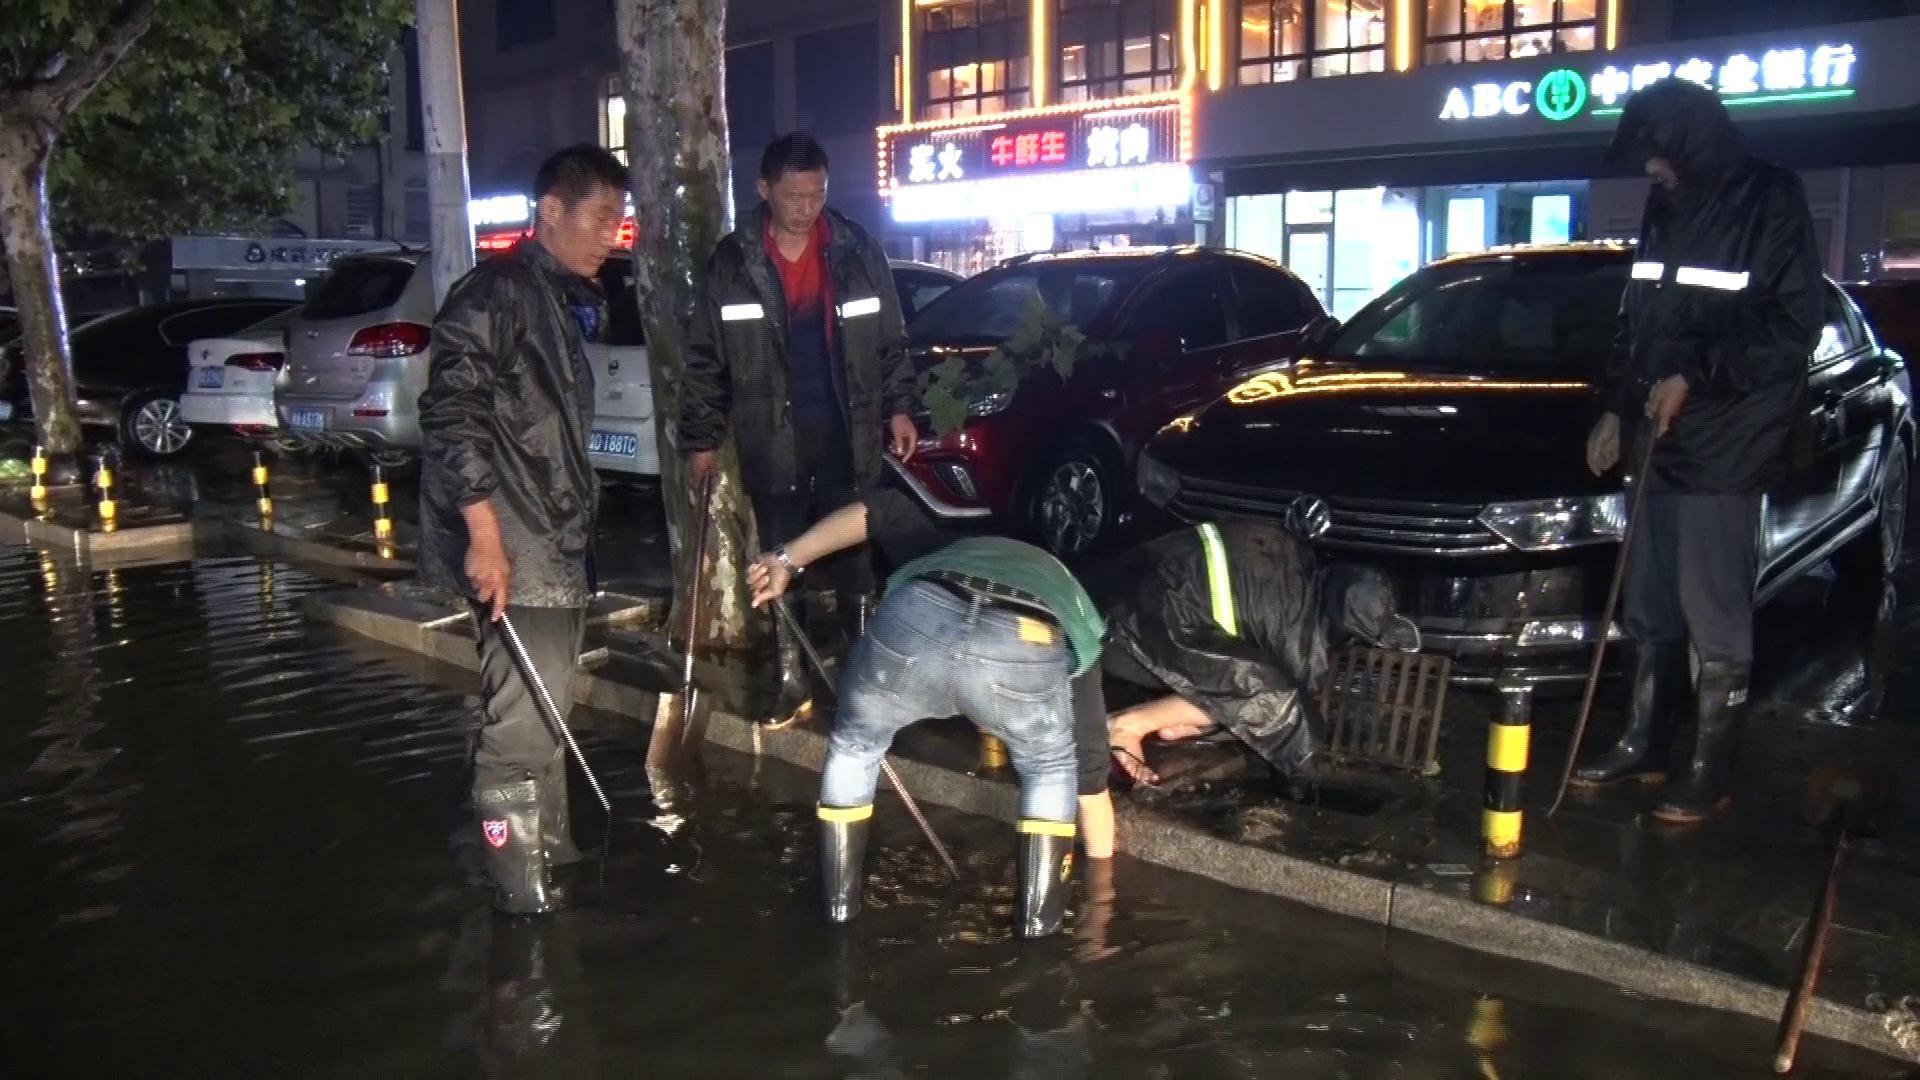 撬杠、铁锹齐上阵!菏泽成武降大雨 市政部门24小时坚守排积水